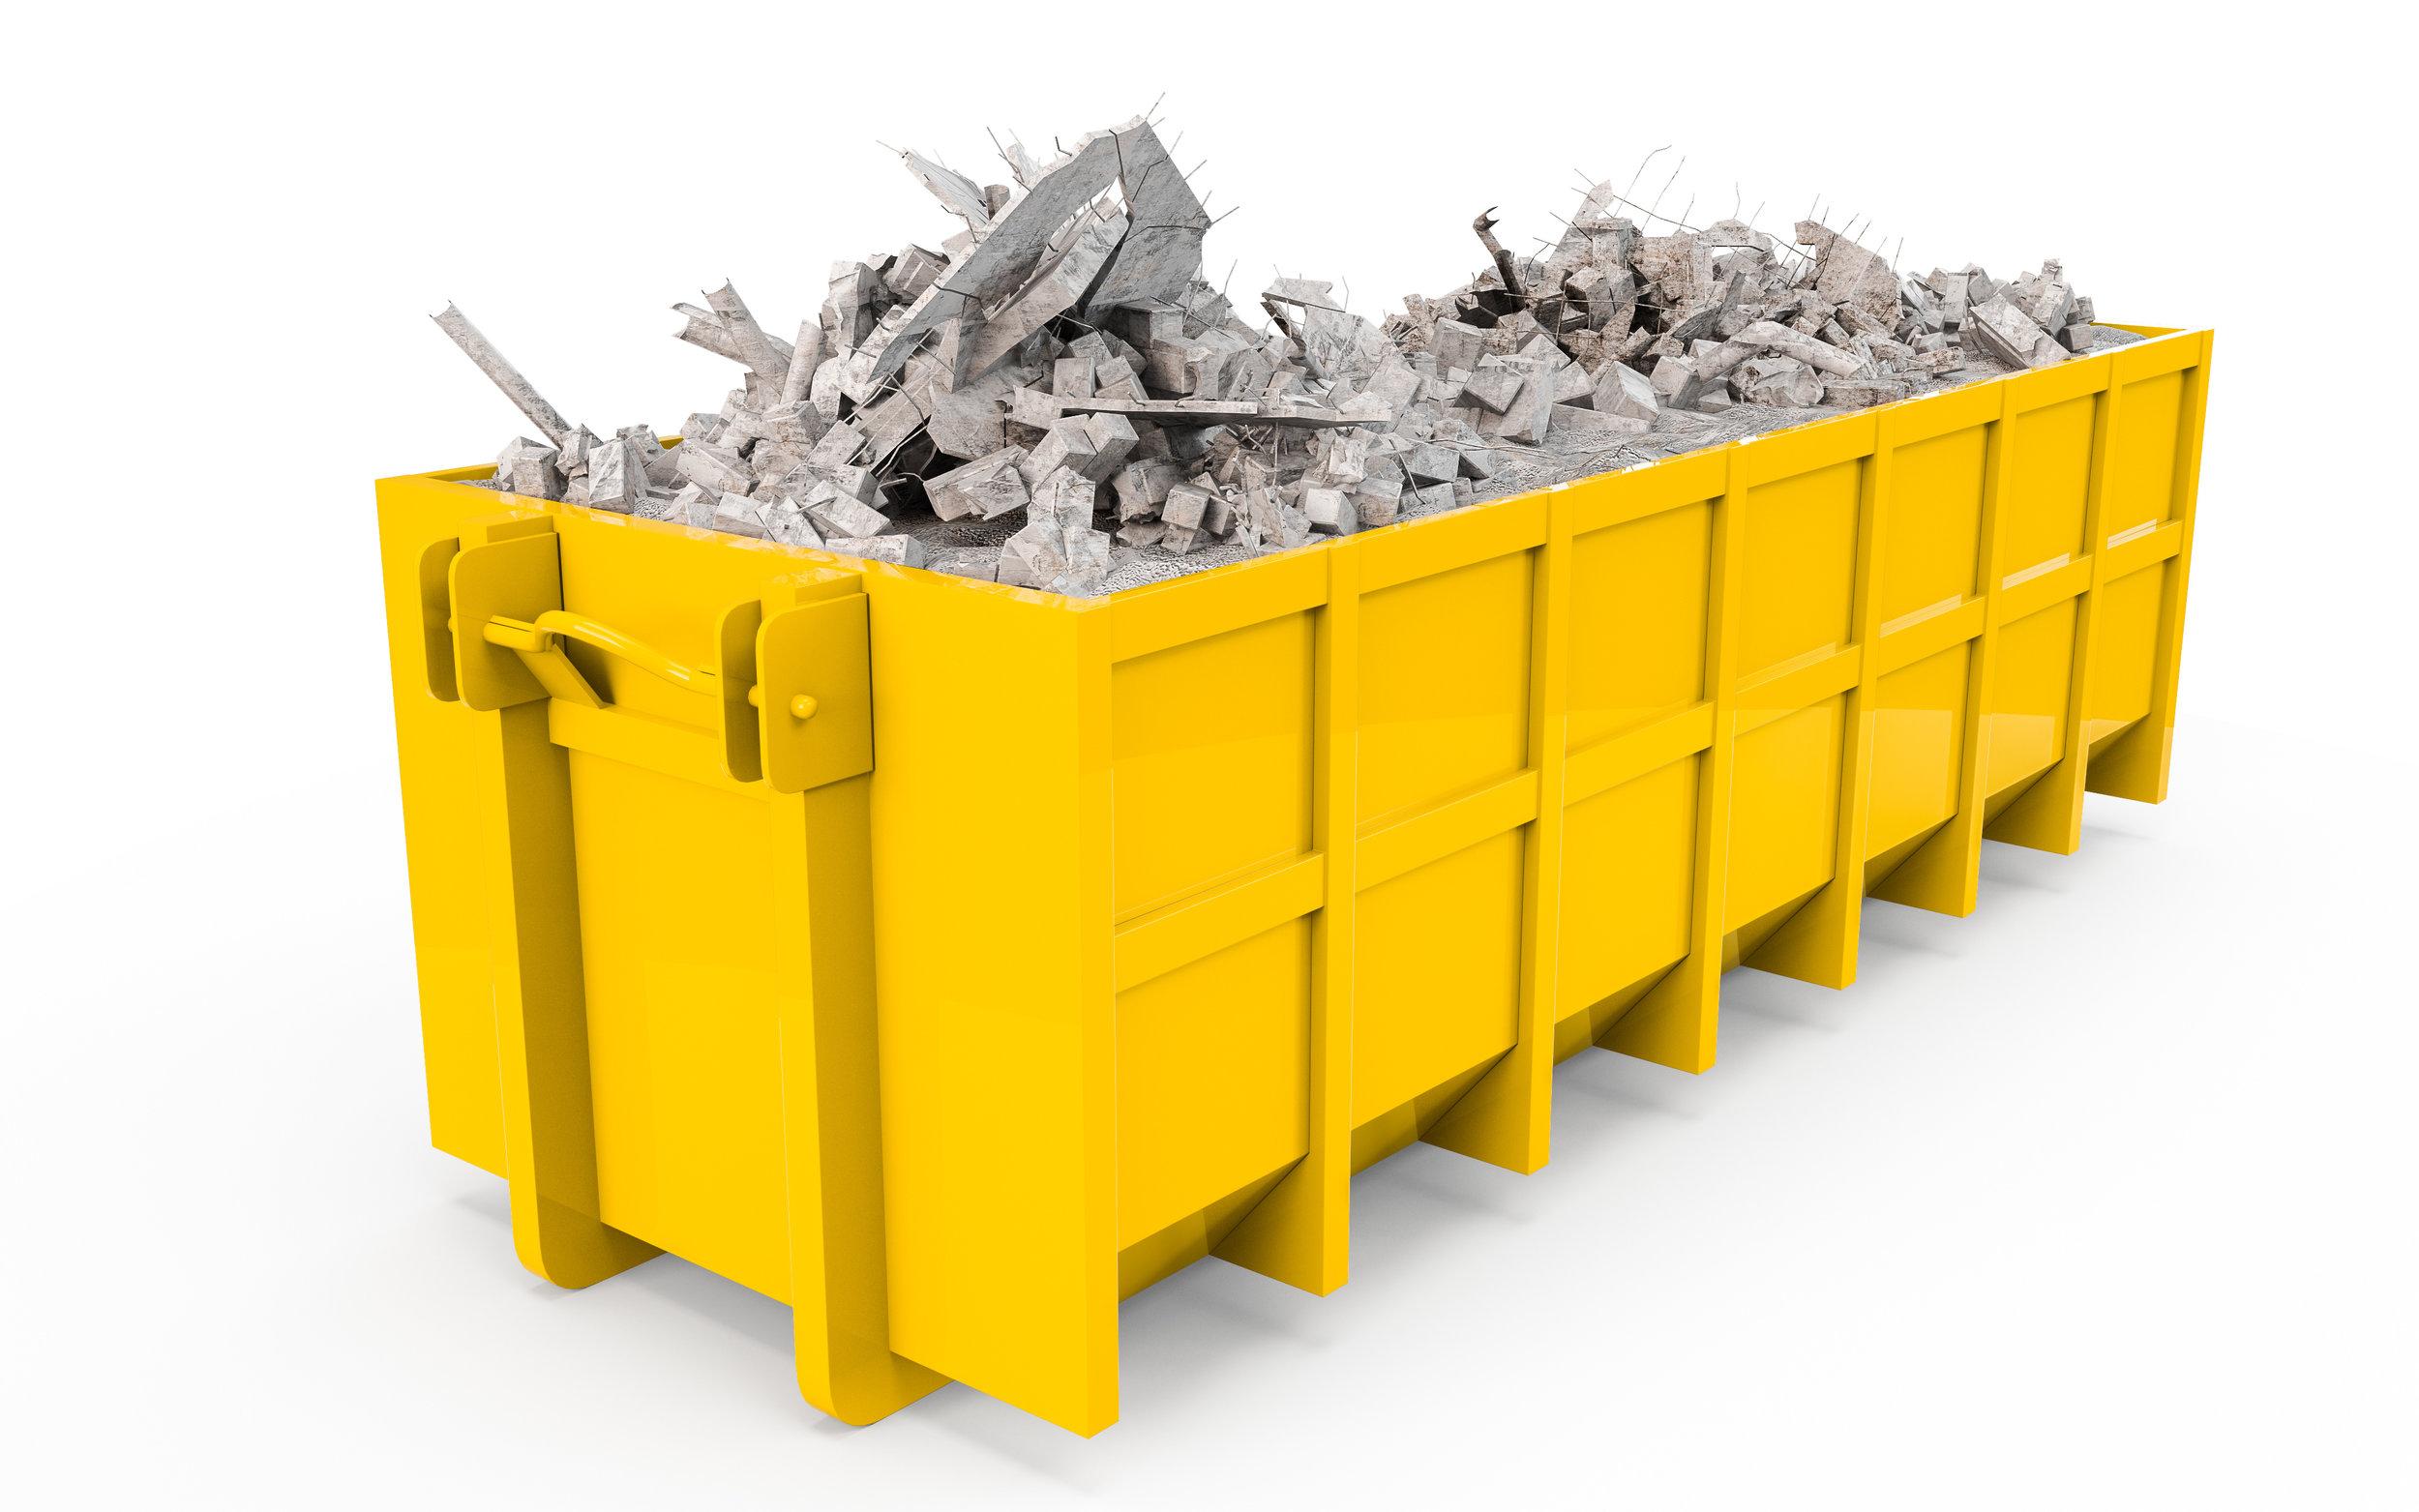 Steel Dumpster